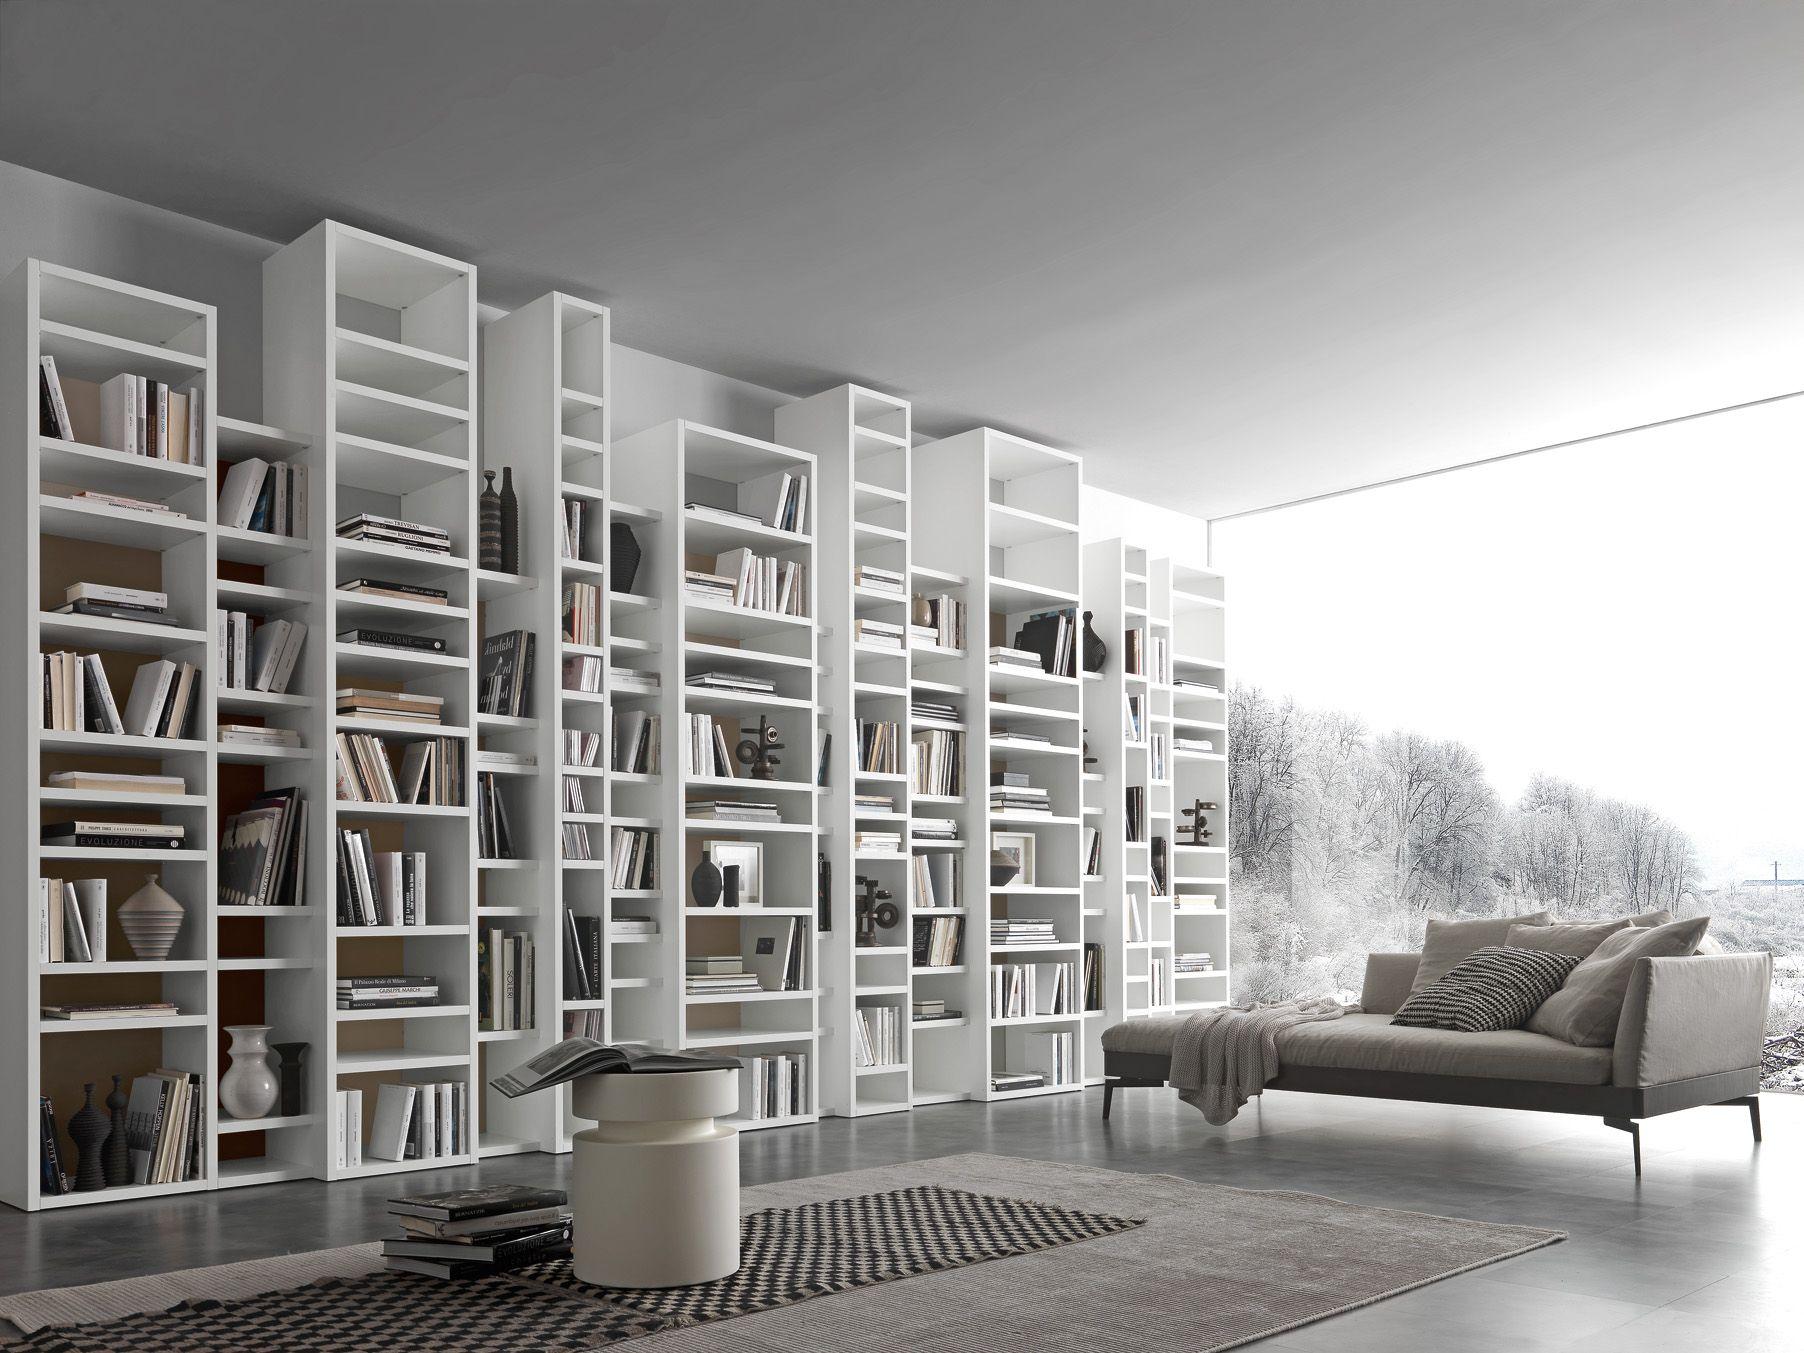 Libreria A Muro Moderna Ikea libreria pari&dispari (con immagini) | design libreria di